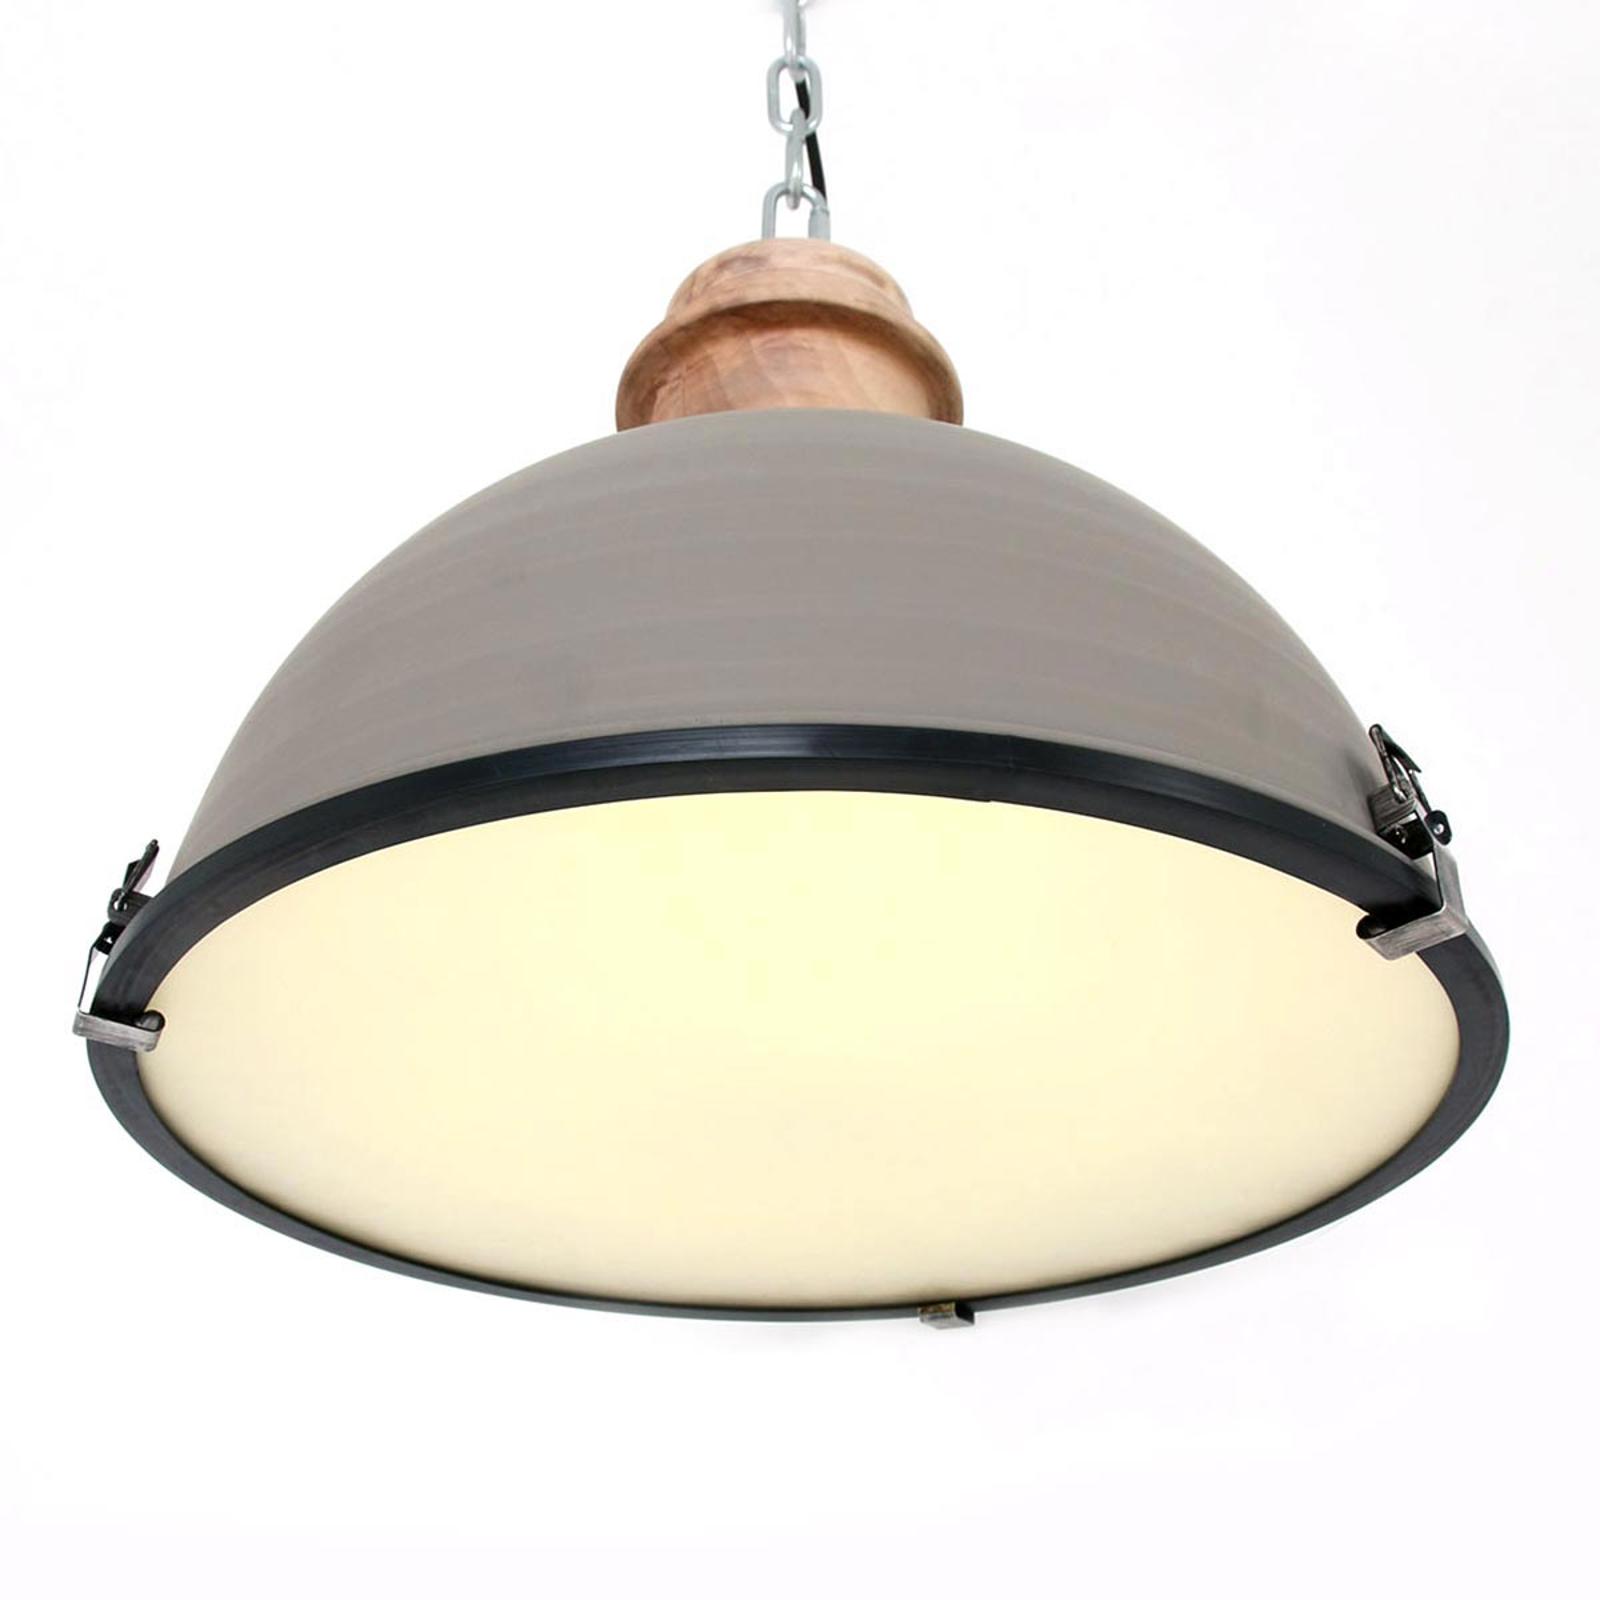 Lampada sospensione Bikkel, metallo grigio